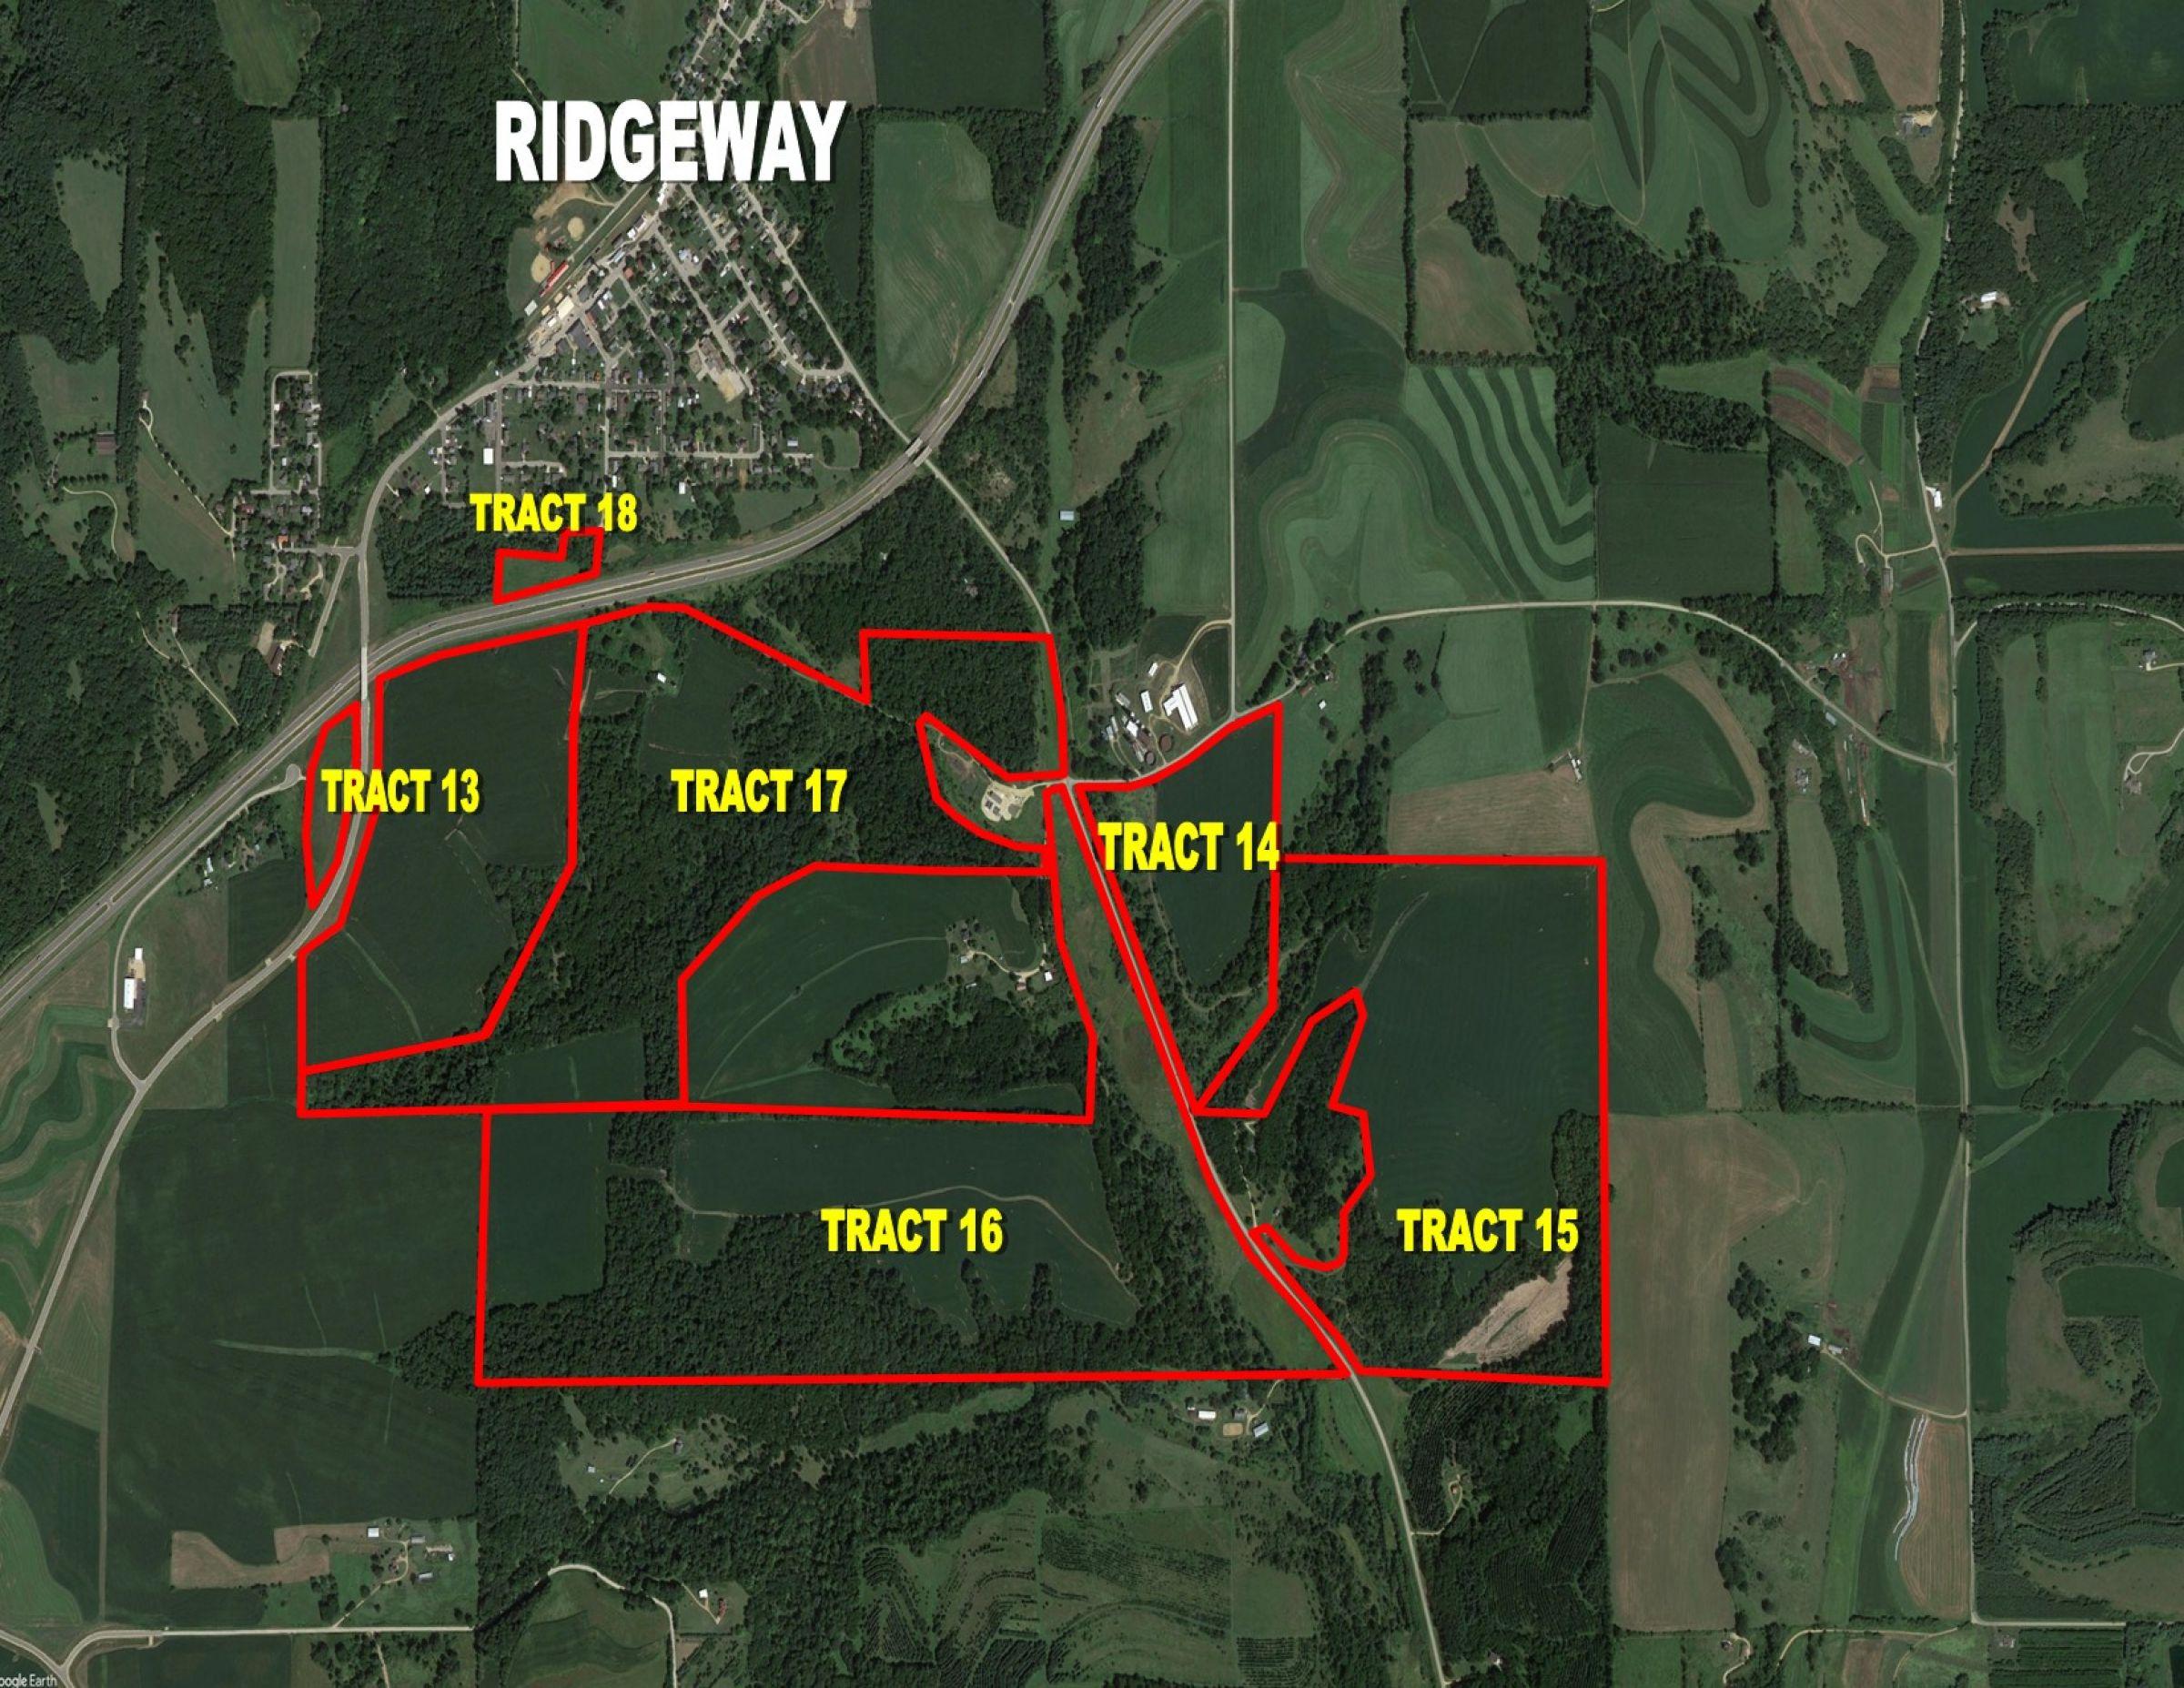 17-ridgeway-53582-0-2021-03-09-170221.jpg